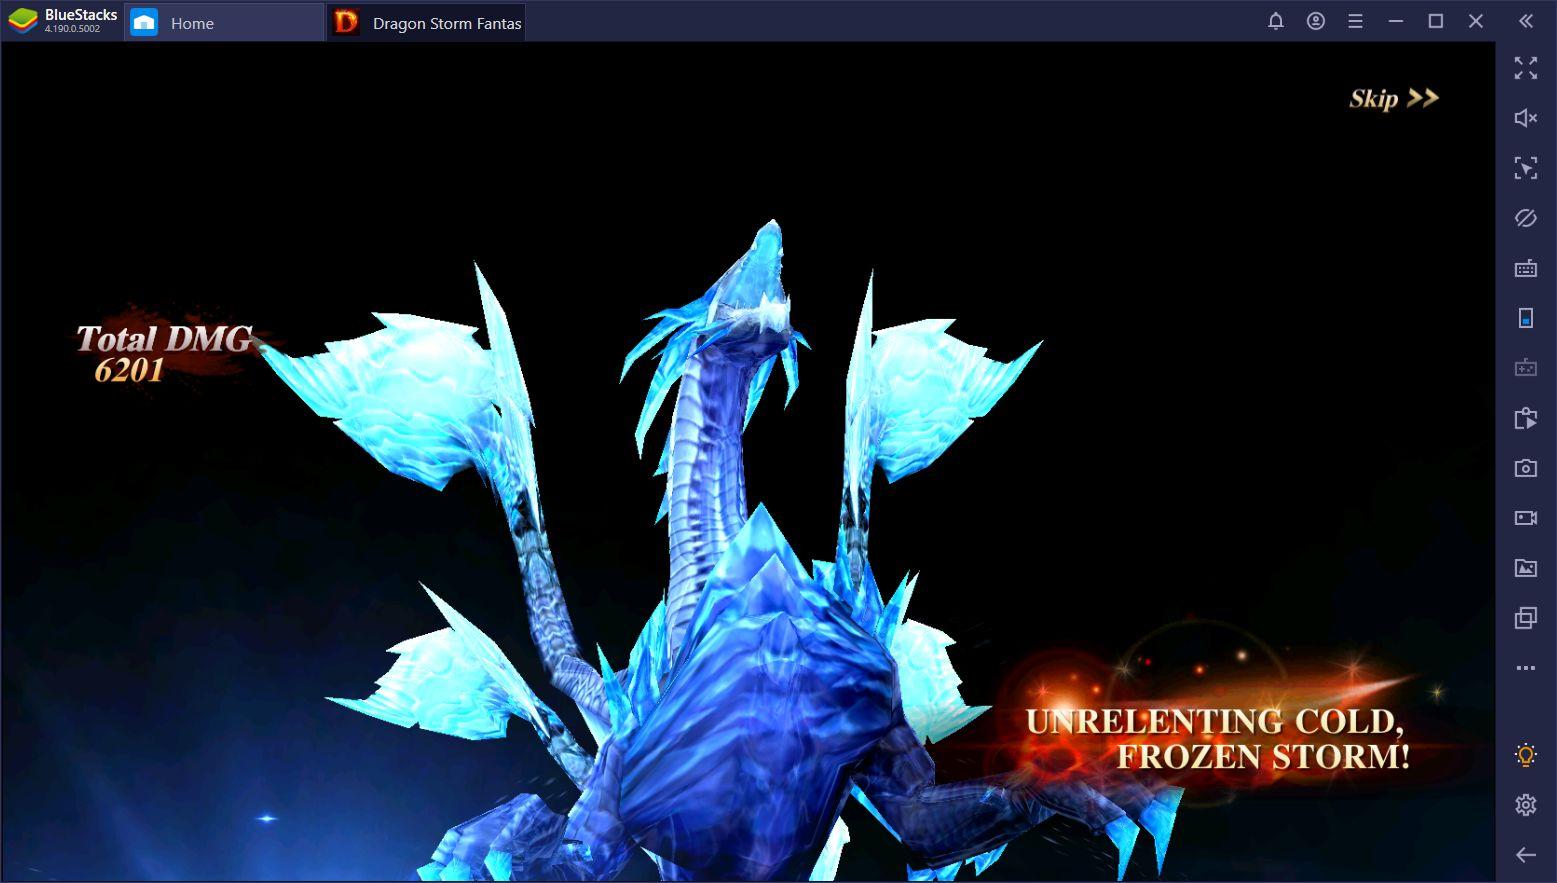 Dragon Storm Fantasy auf dem PC – die besten Kampf-Tipps und -Tricks